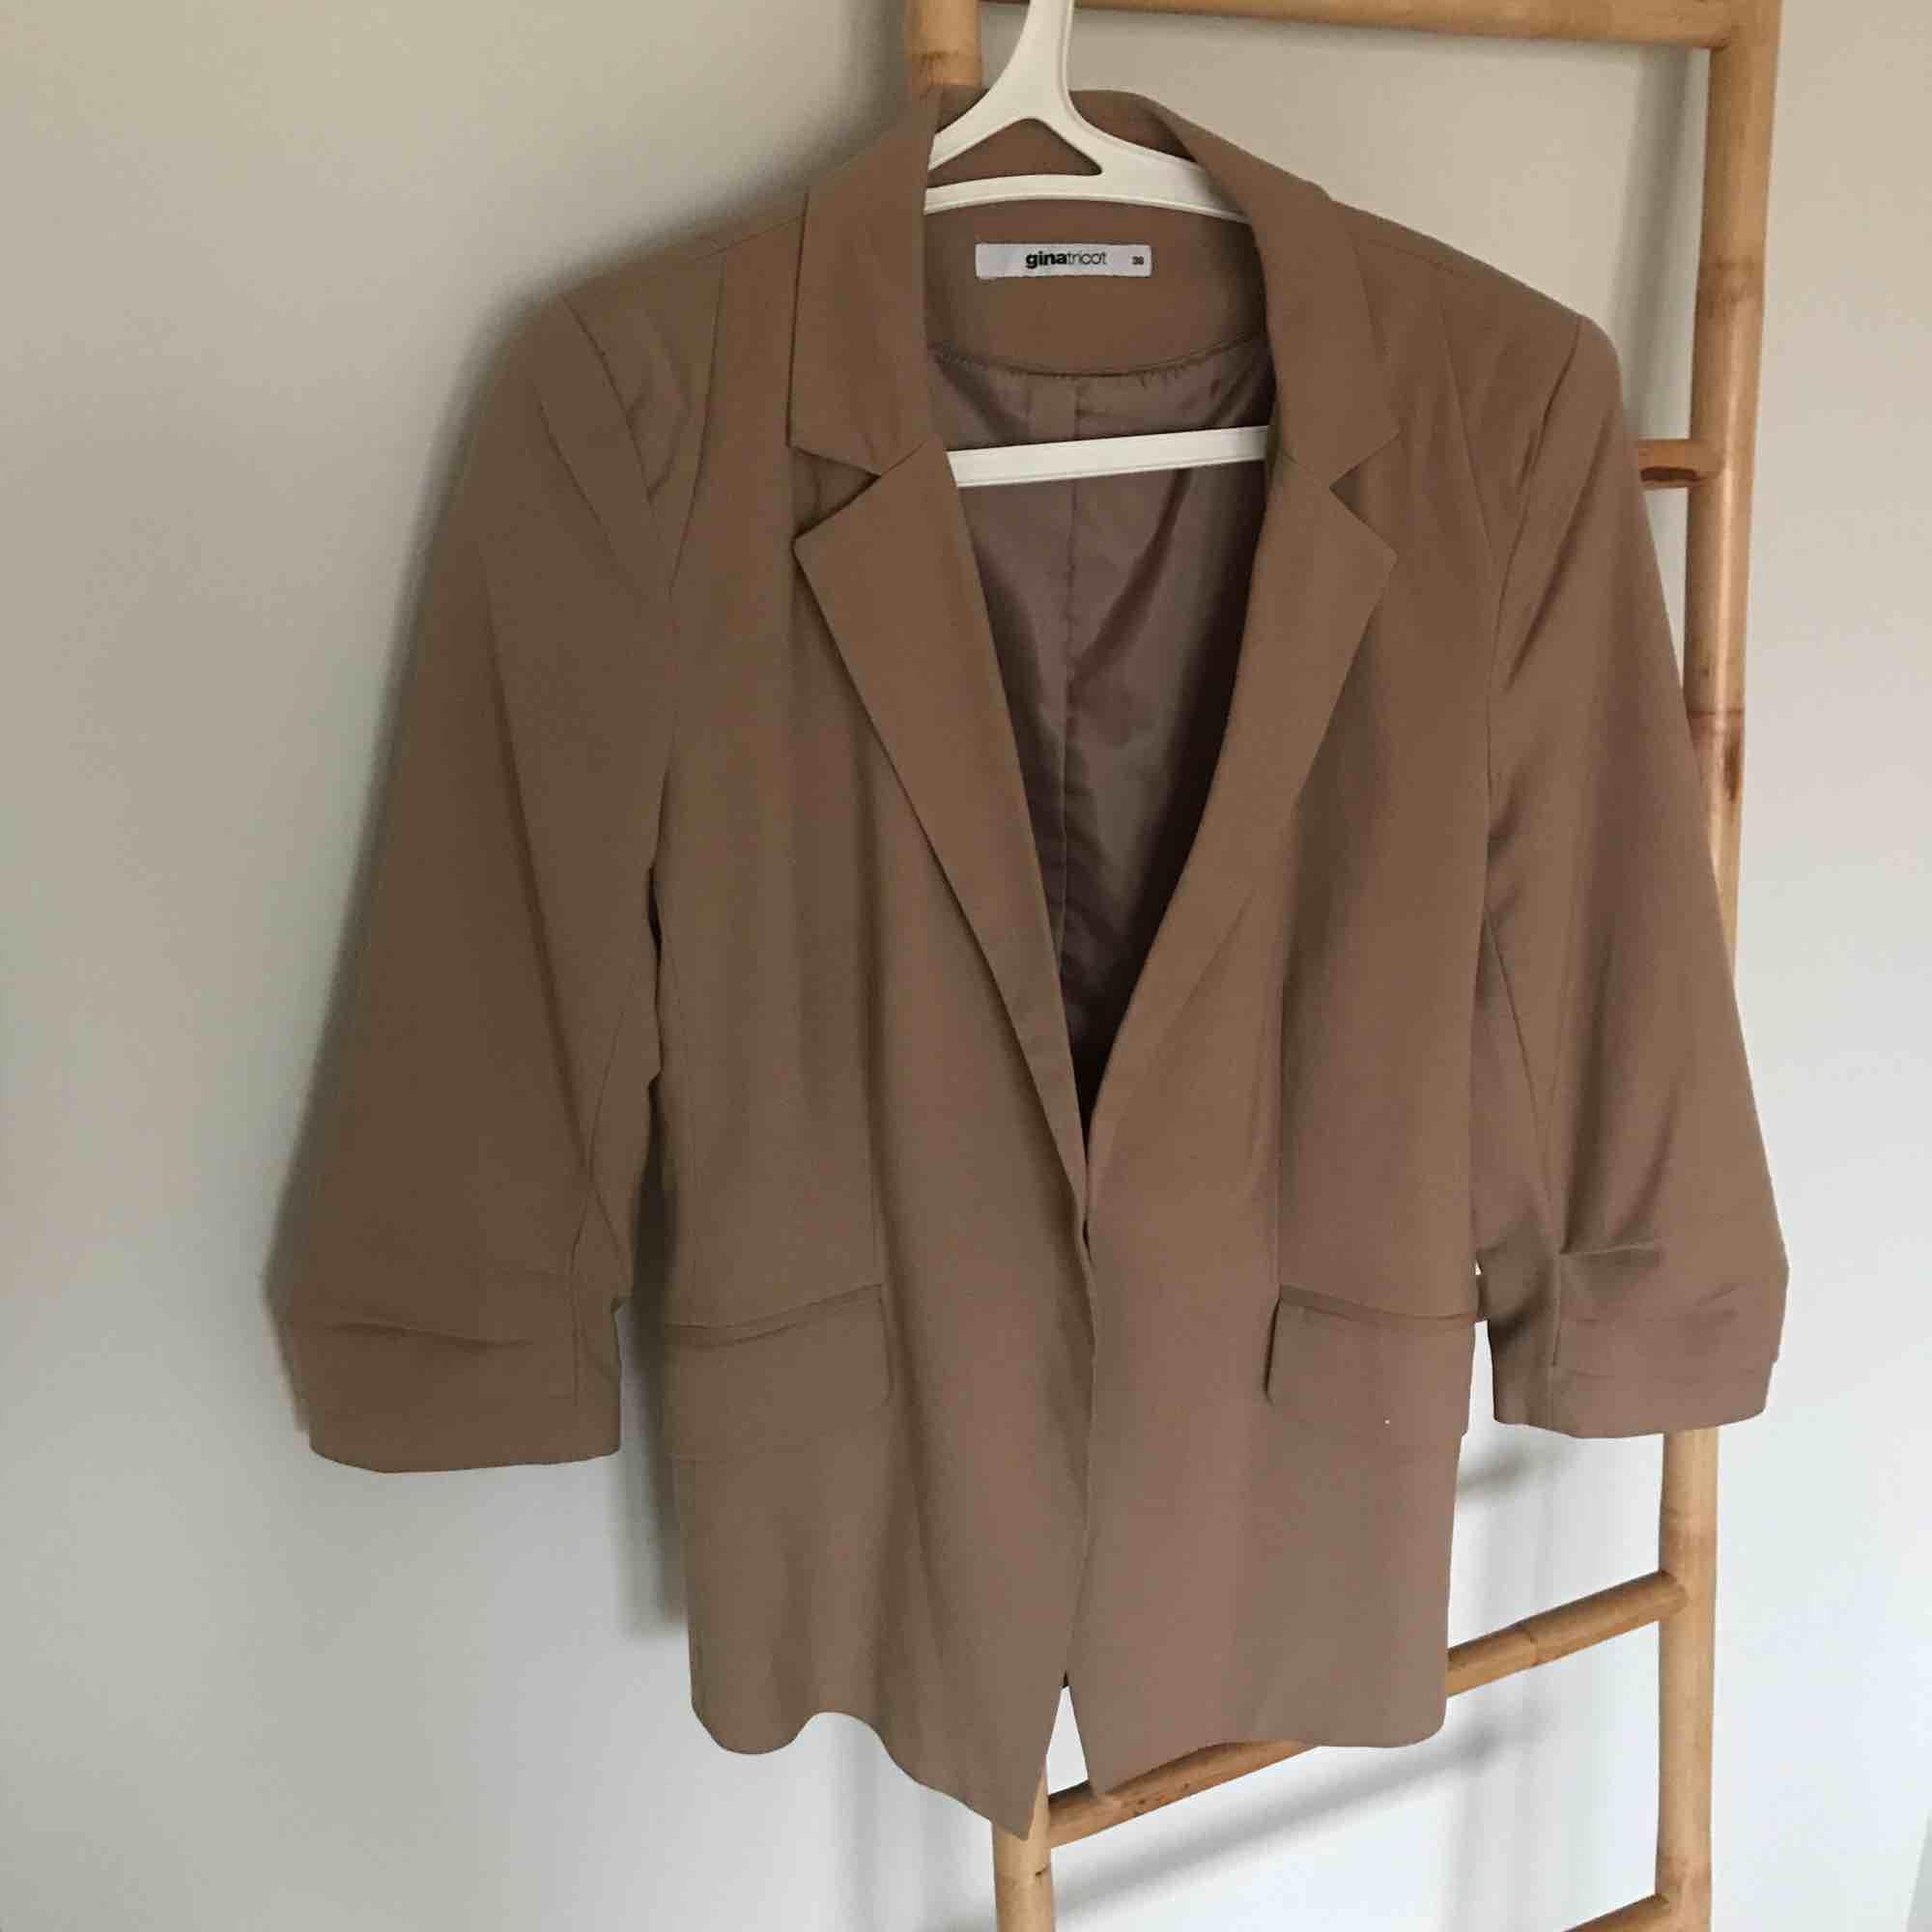 Beige kavaj  Från Gina tricot  Storlek 38  I mycket fint skick!  Frakt tillkommer . Kostymer.